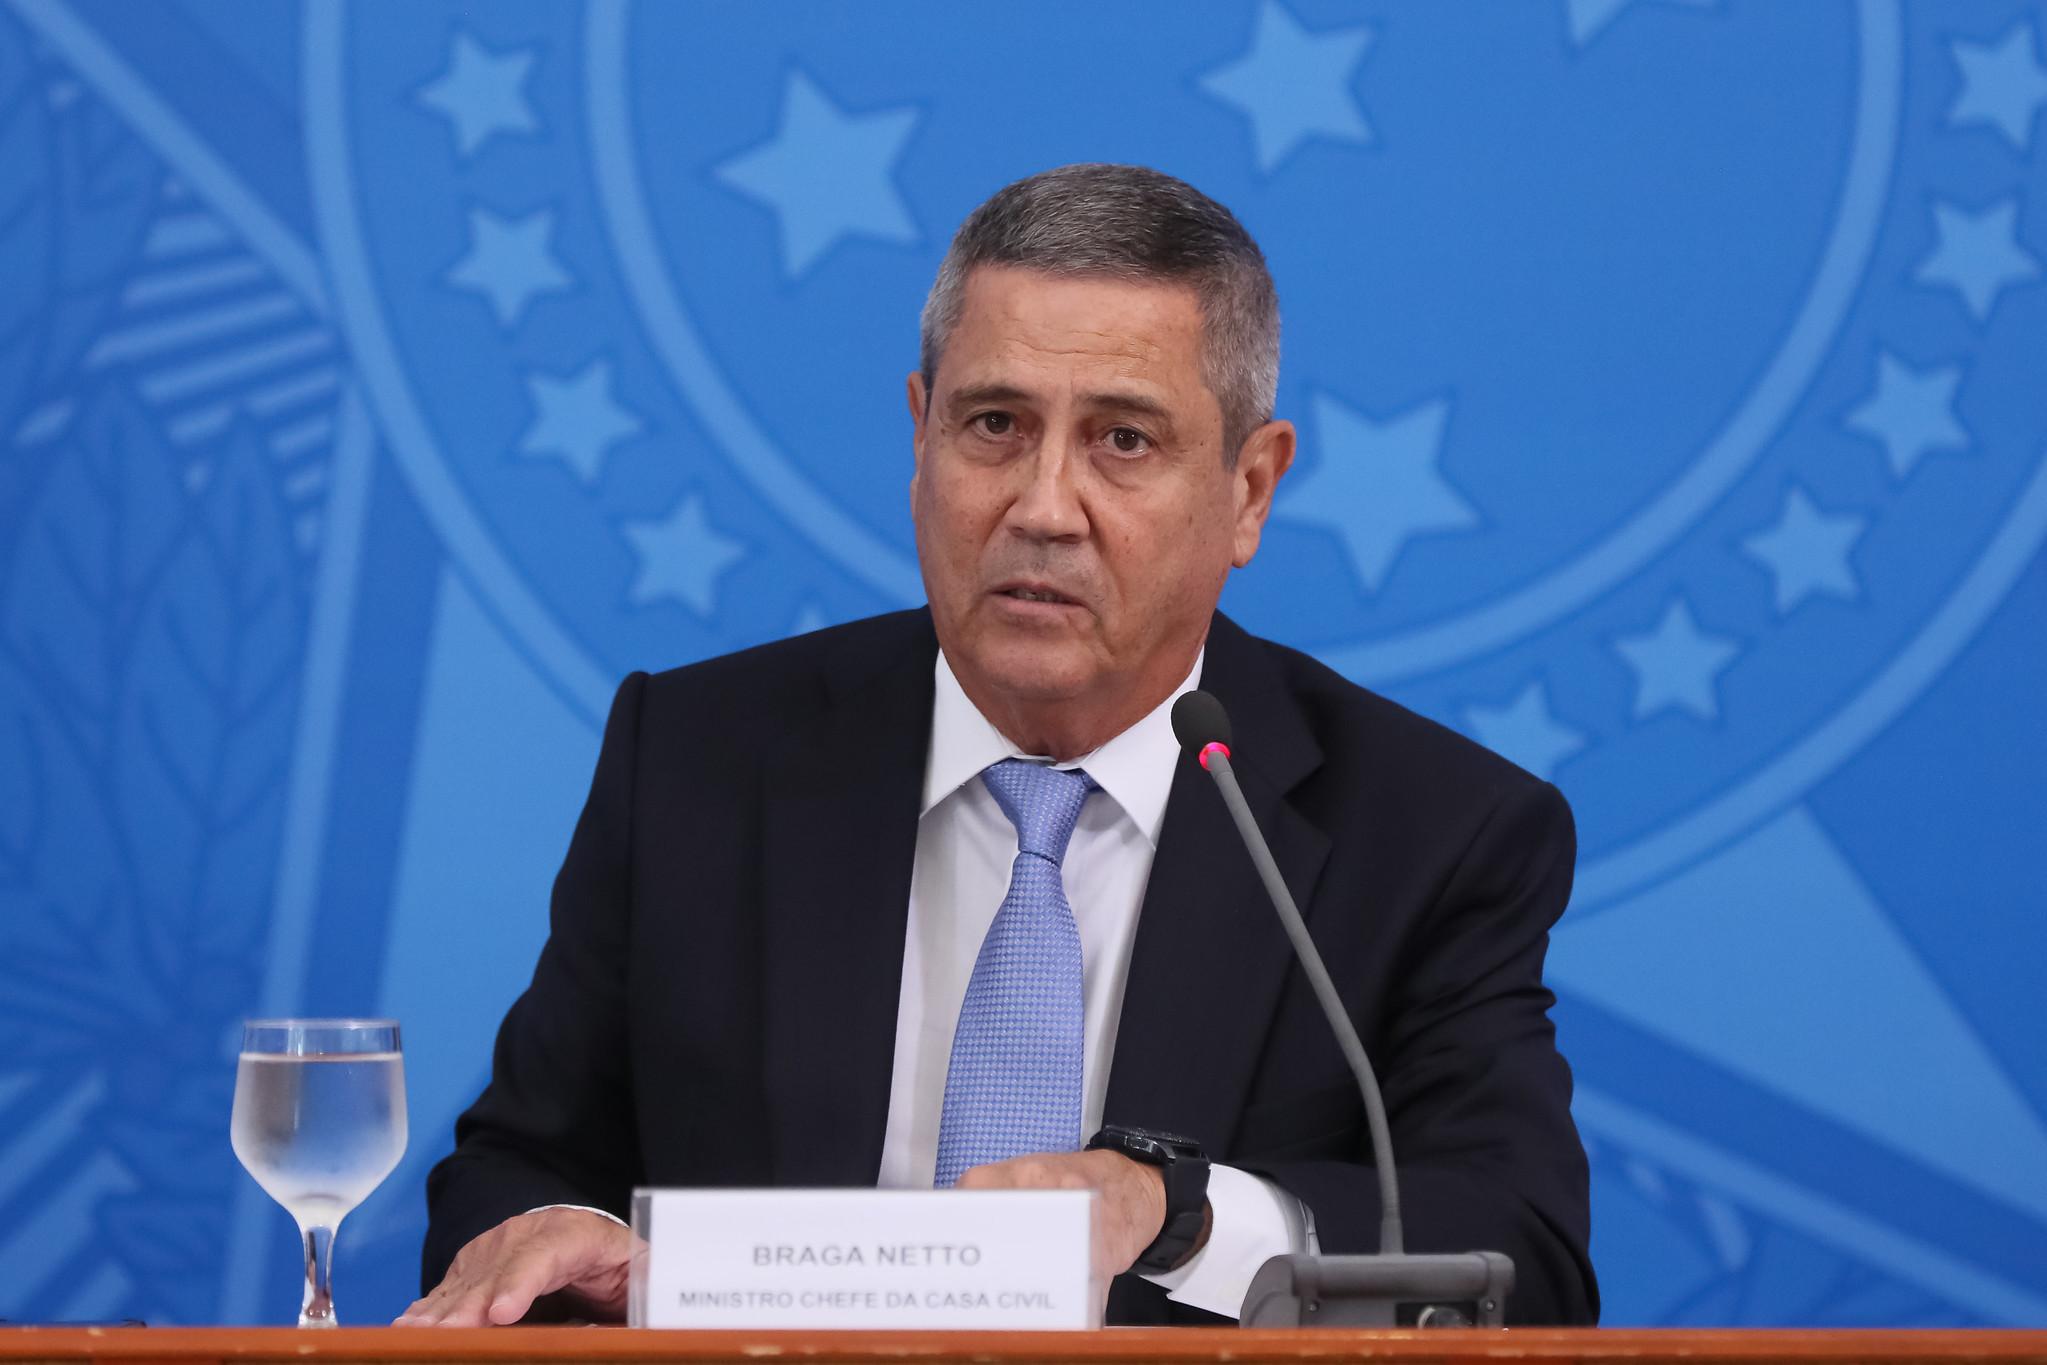 Ministro-chefe da Casa Civil, Walter Braga Netto